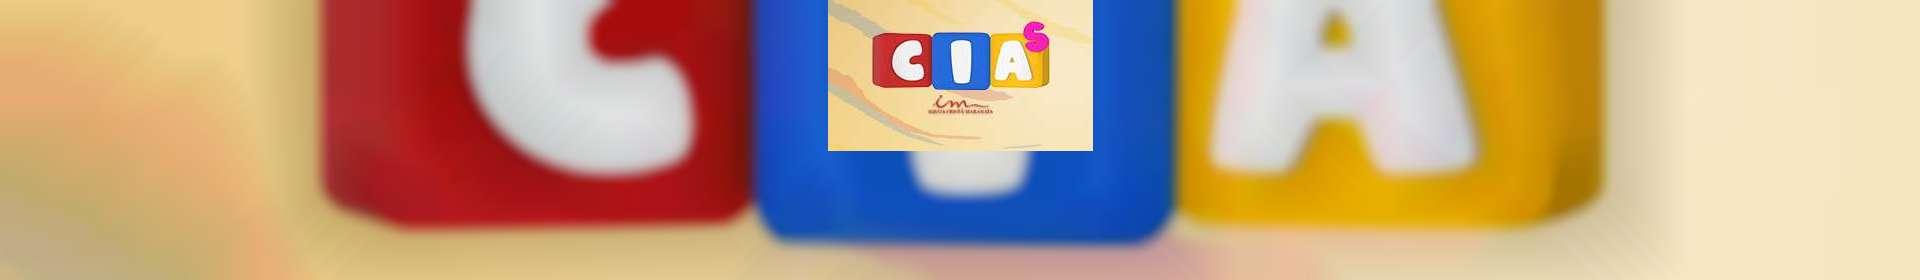 Aula de CIAS: classe de 3 a 7 anos - 07 de maio de 2020